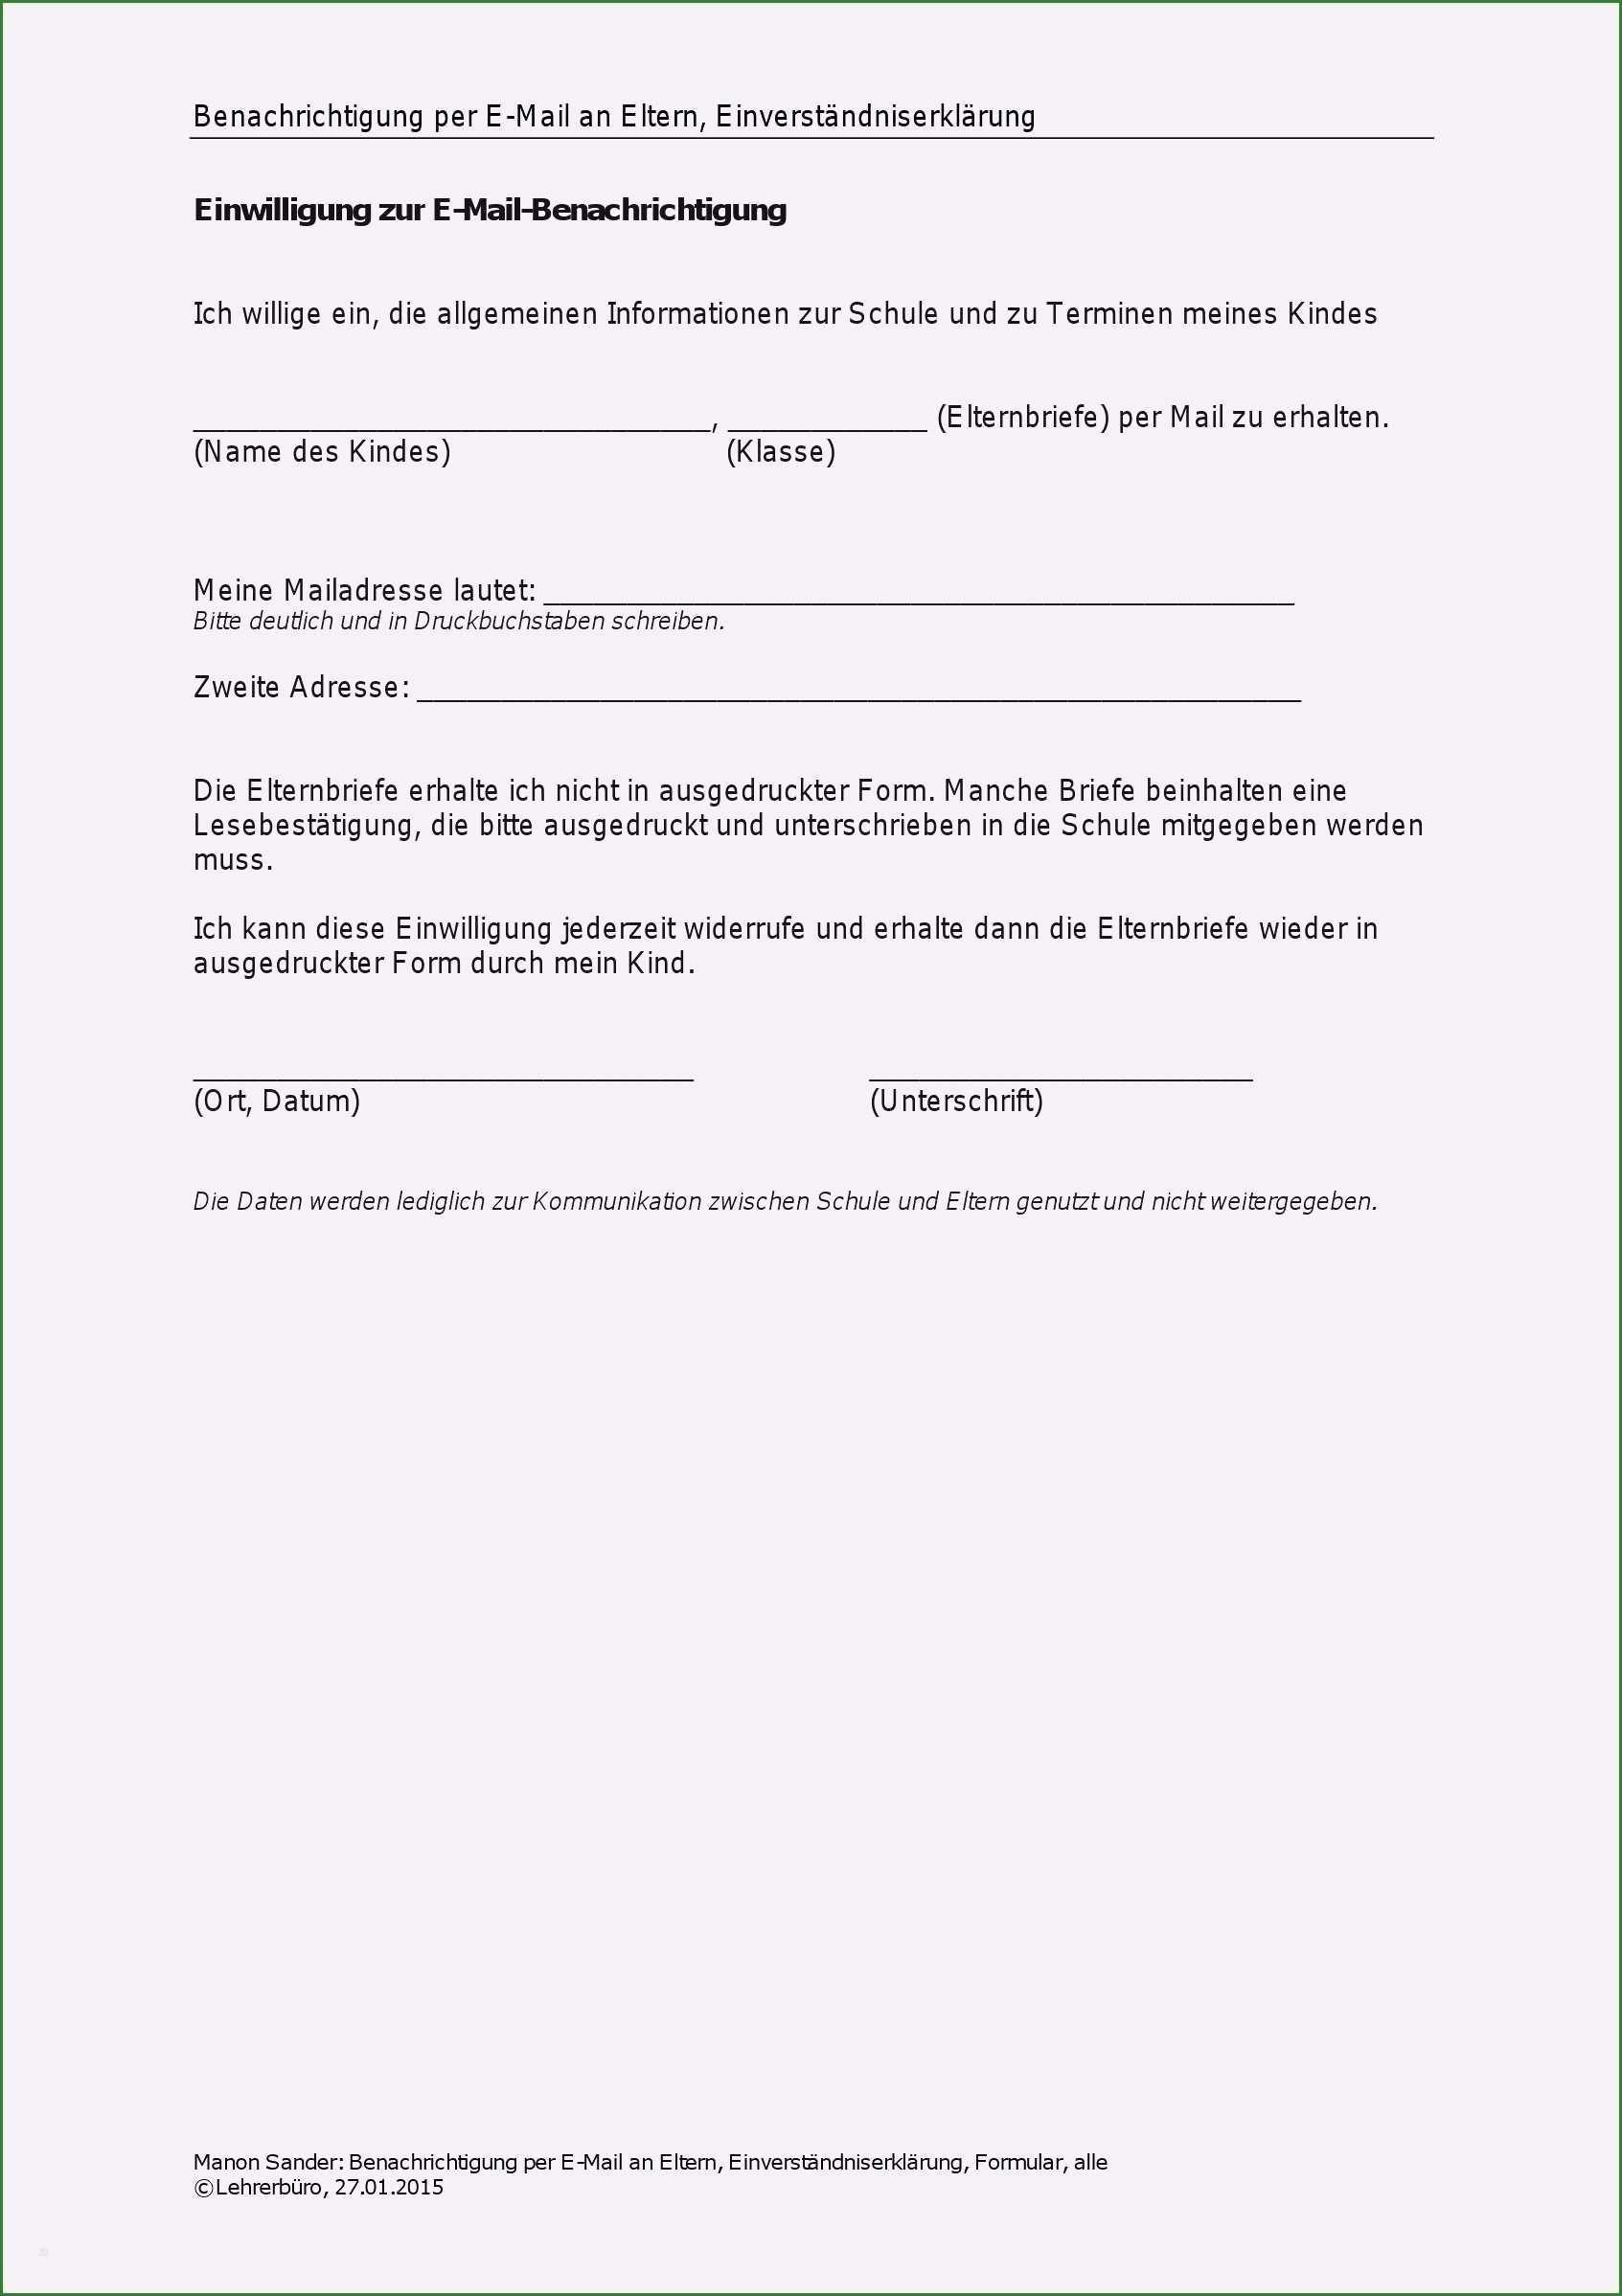 16 Beeindruckend Sportbefreiung Schule Vorlage In 2020 Elternbriefe Druckbuchstaben Vorlagen